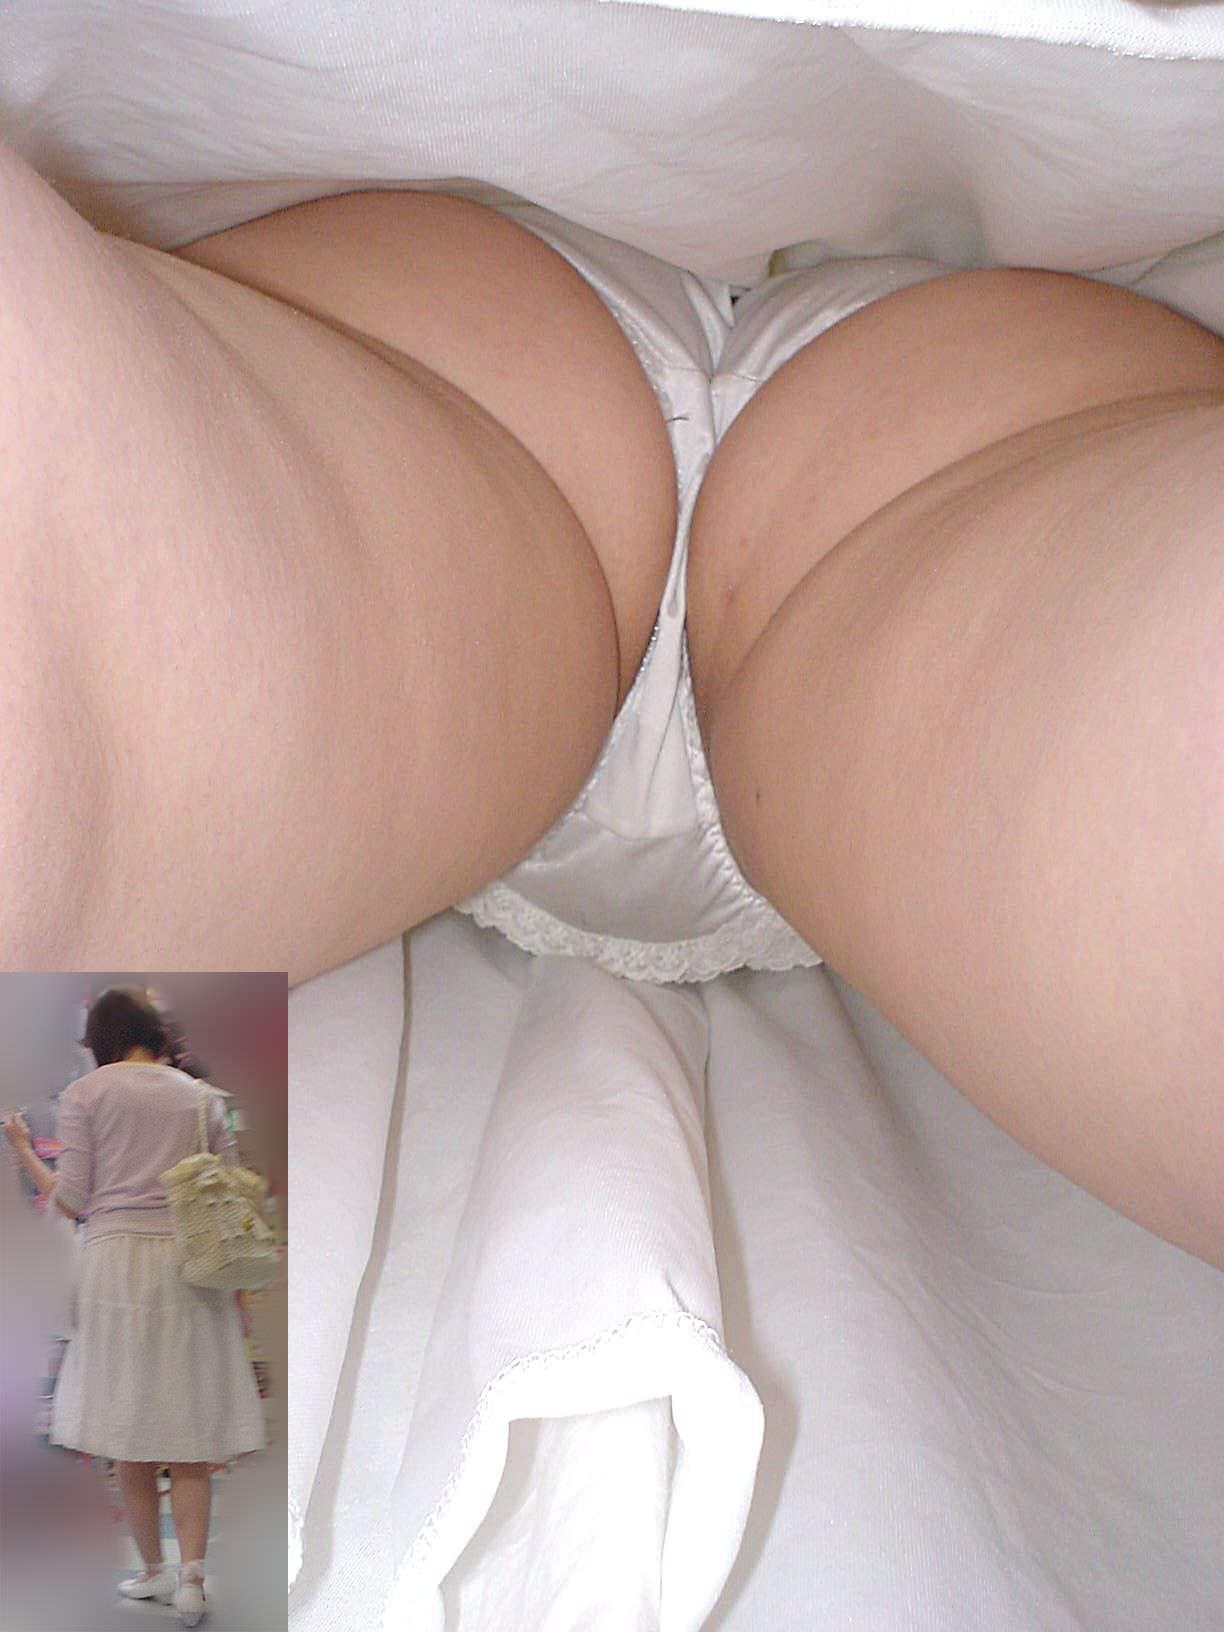 【逆さ撮り盗撮】香ばしくて酸っぱい匂いがする真っ白なパンティーの素人娘のパンチラwwwww 2727